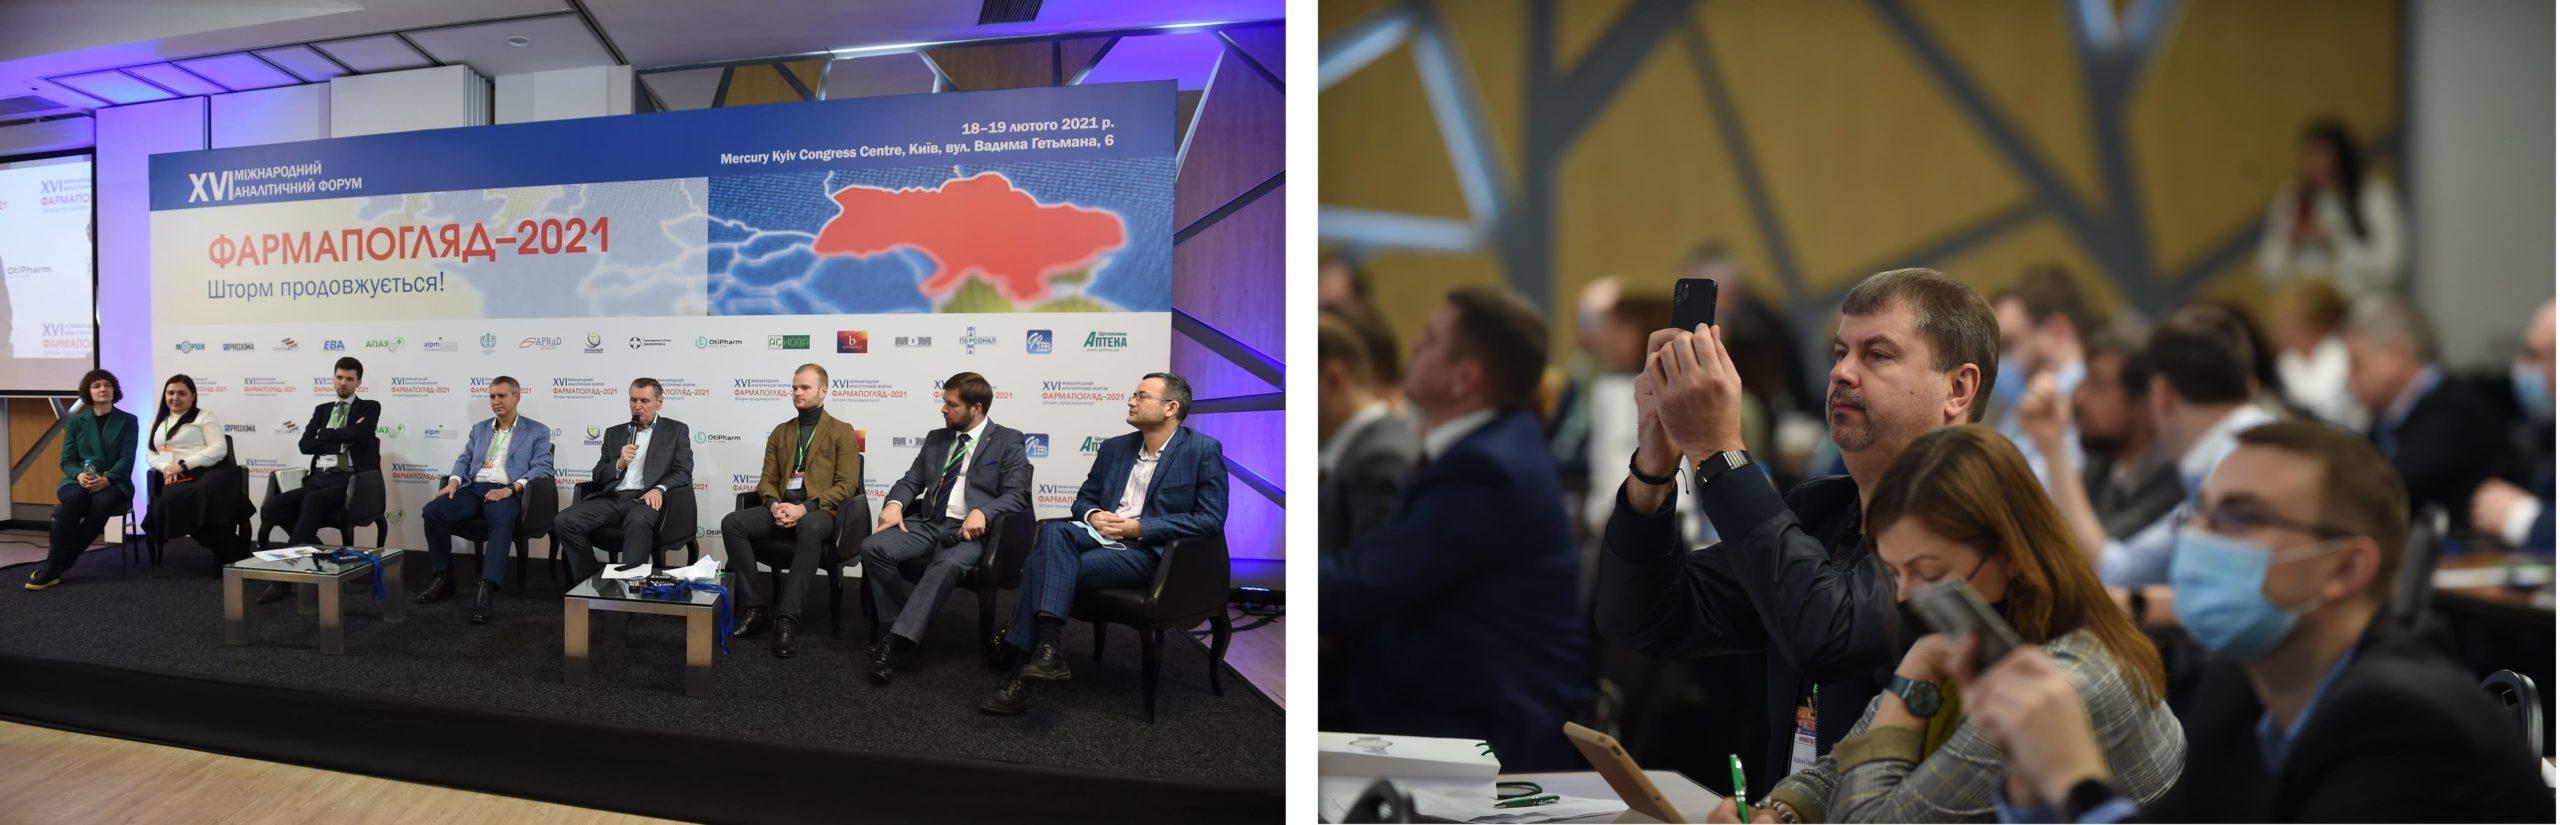 фармакологиный форум 2021 в Украине